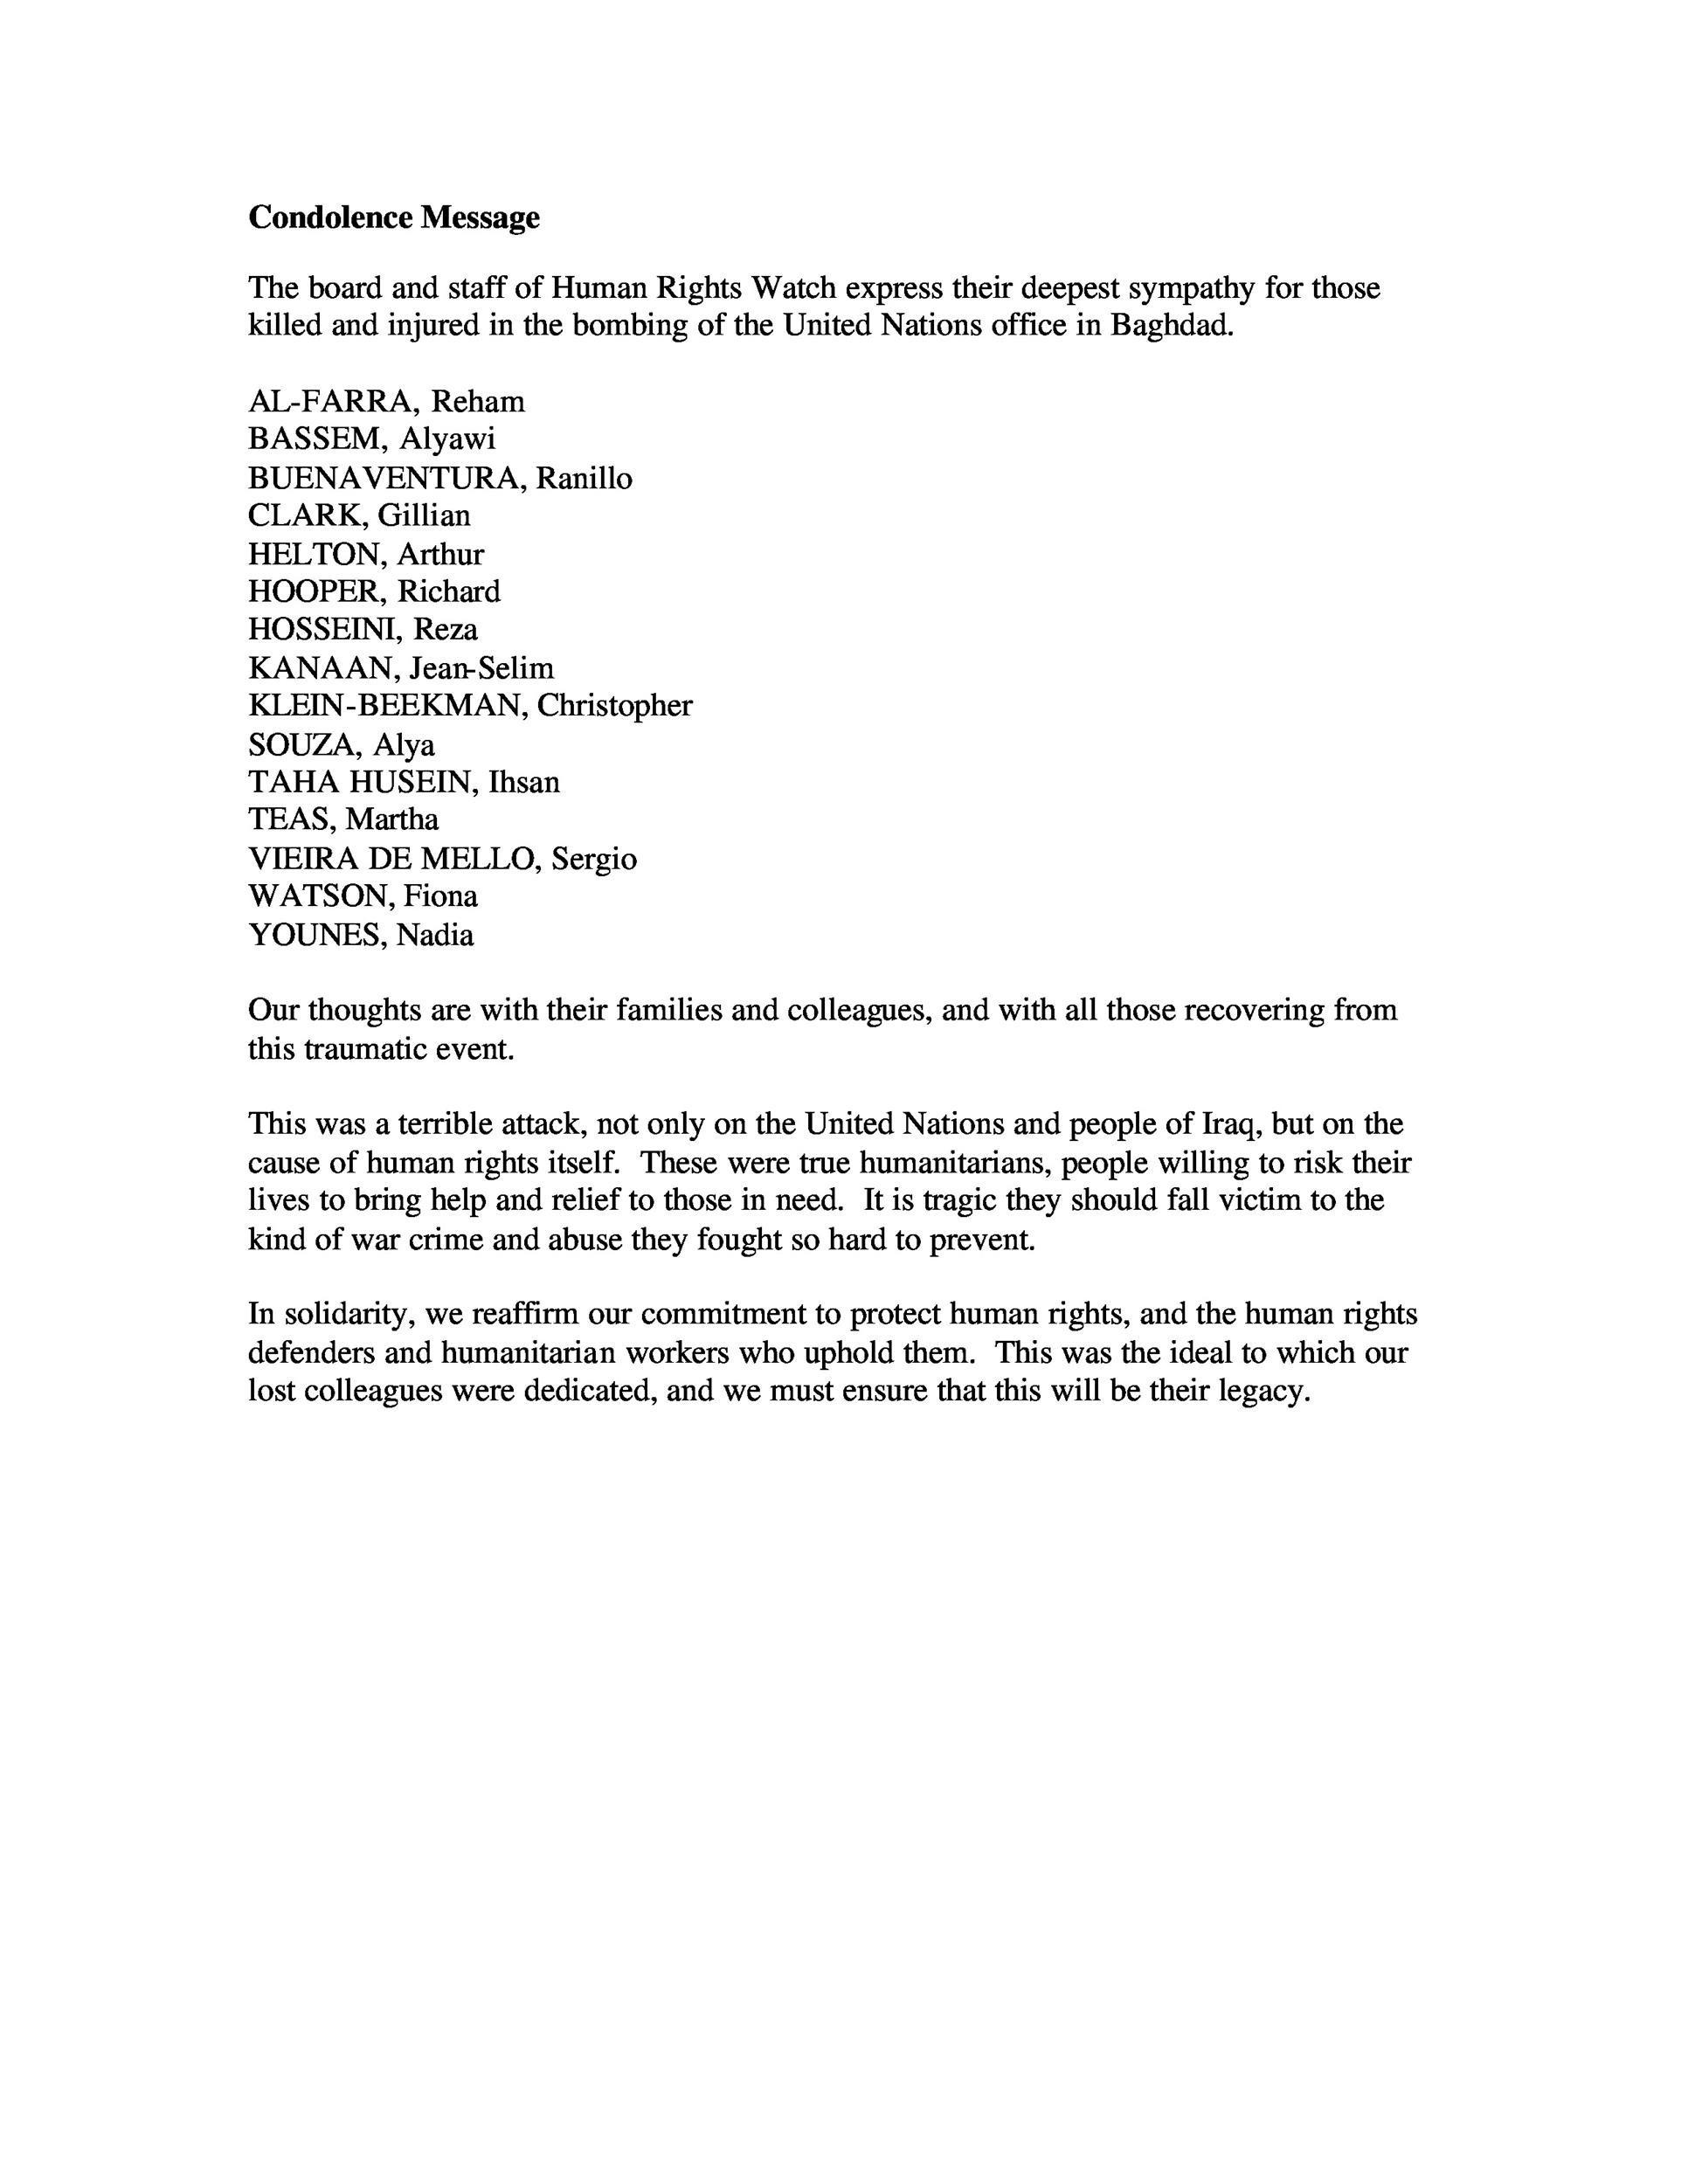 Free condolence letter 35